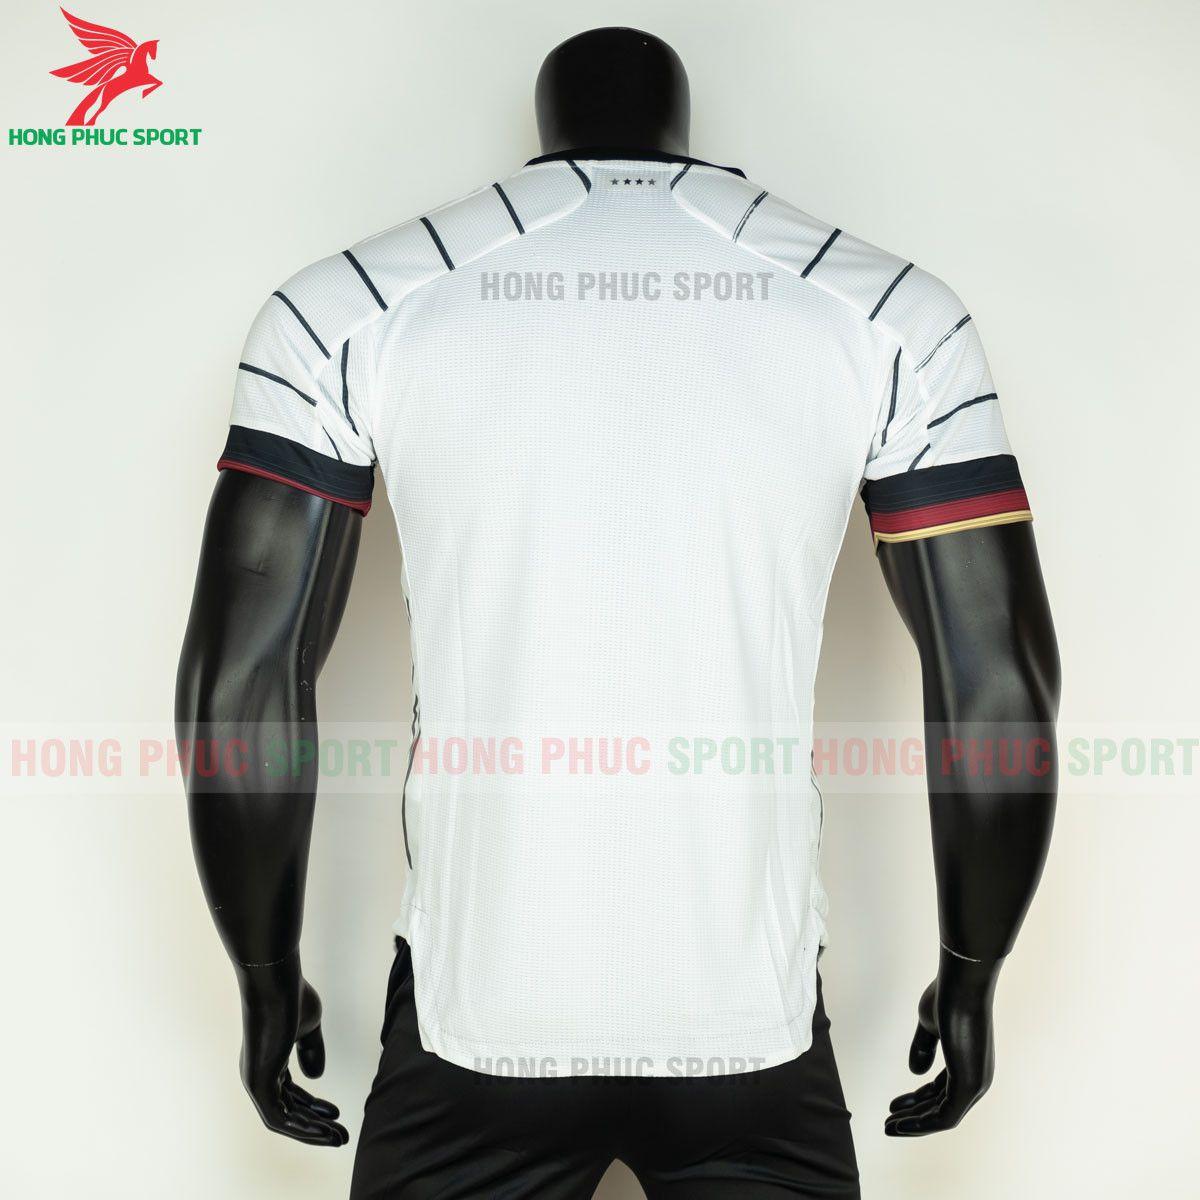 https://cdn.hongphucsport.com/unsafe/s4.shopbay.vn/files/285/ao-bong-da-tuyen-duc-2021-san-nha-hang-thai-6-60d300d3cfa1d.jpg